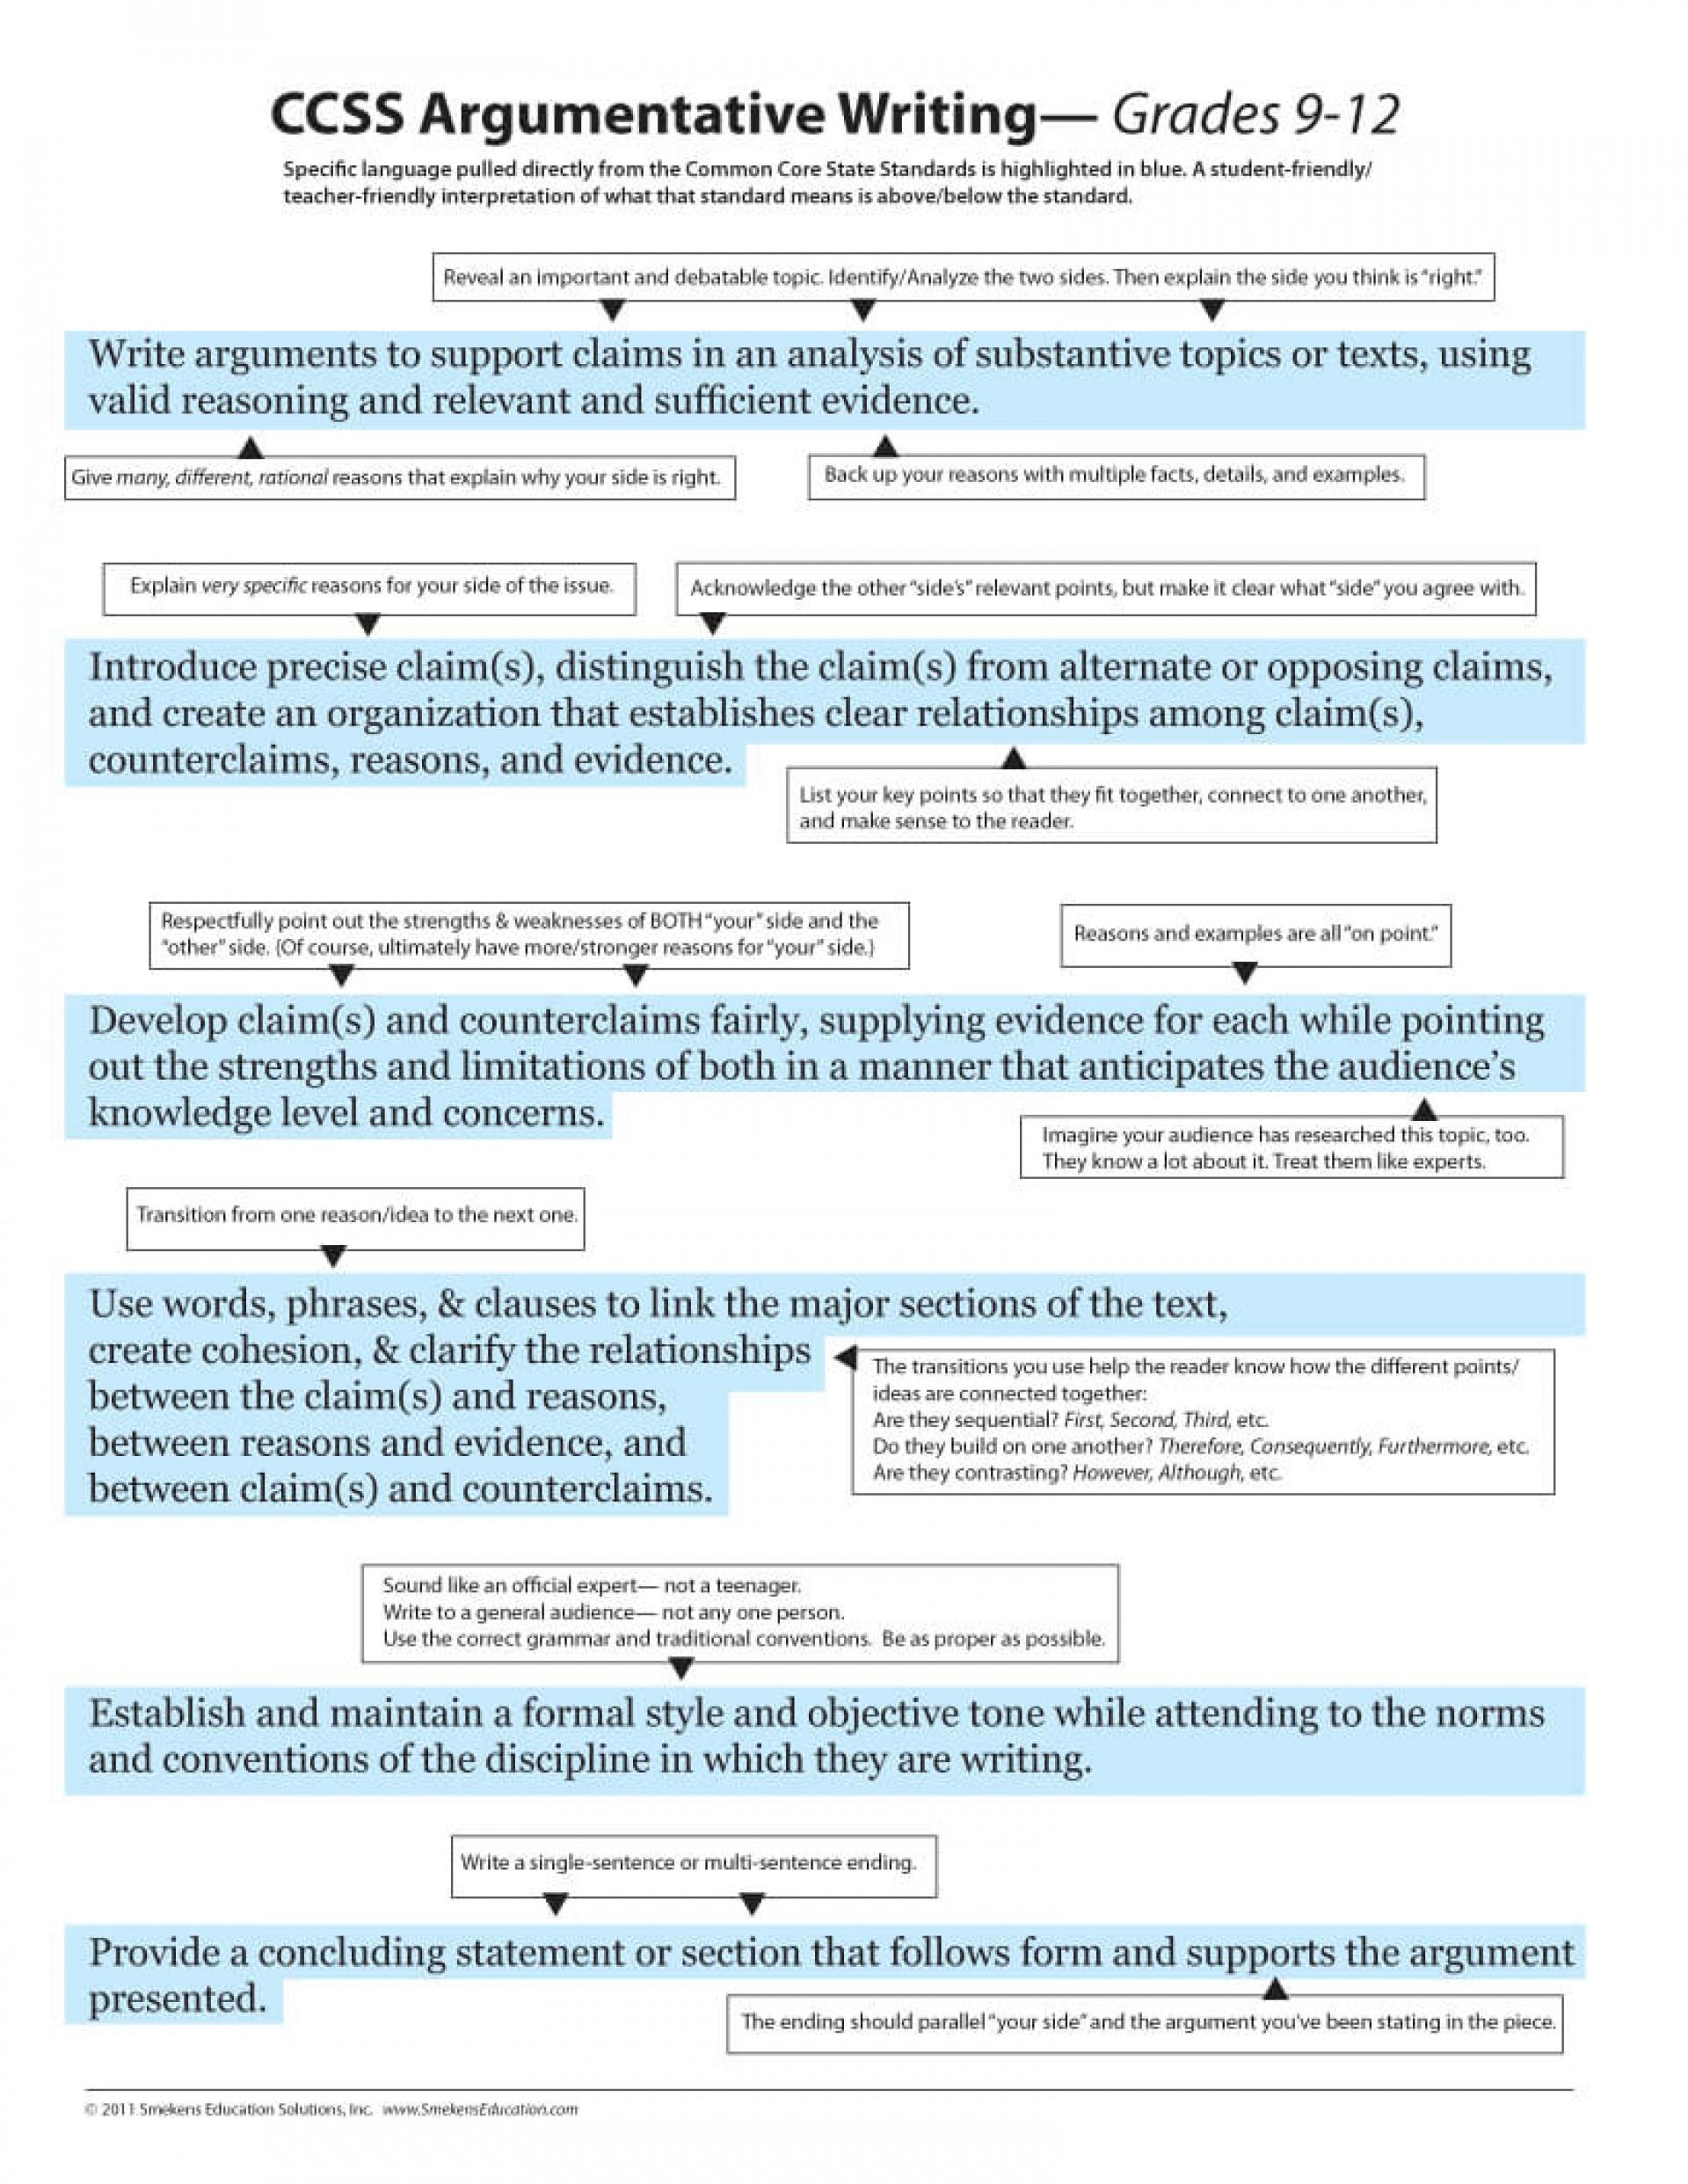 005 Parts Of Persuasive Essay Ccss Argumentative Grade 9 12o Imposing 6 A 1920